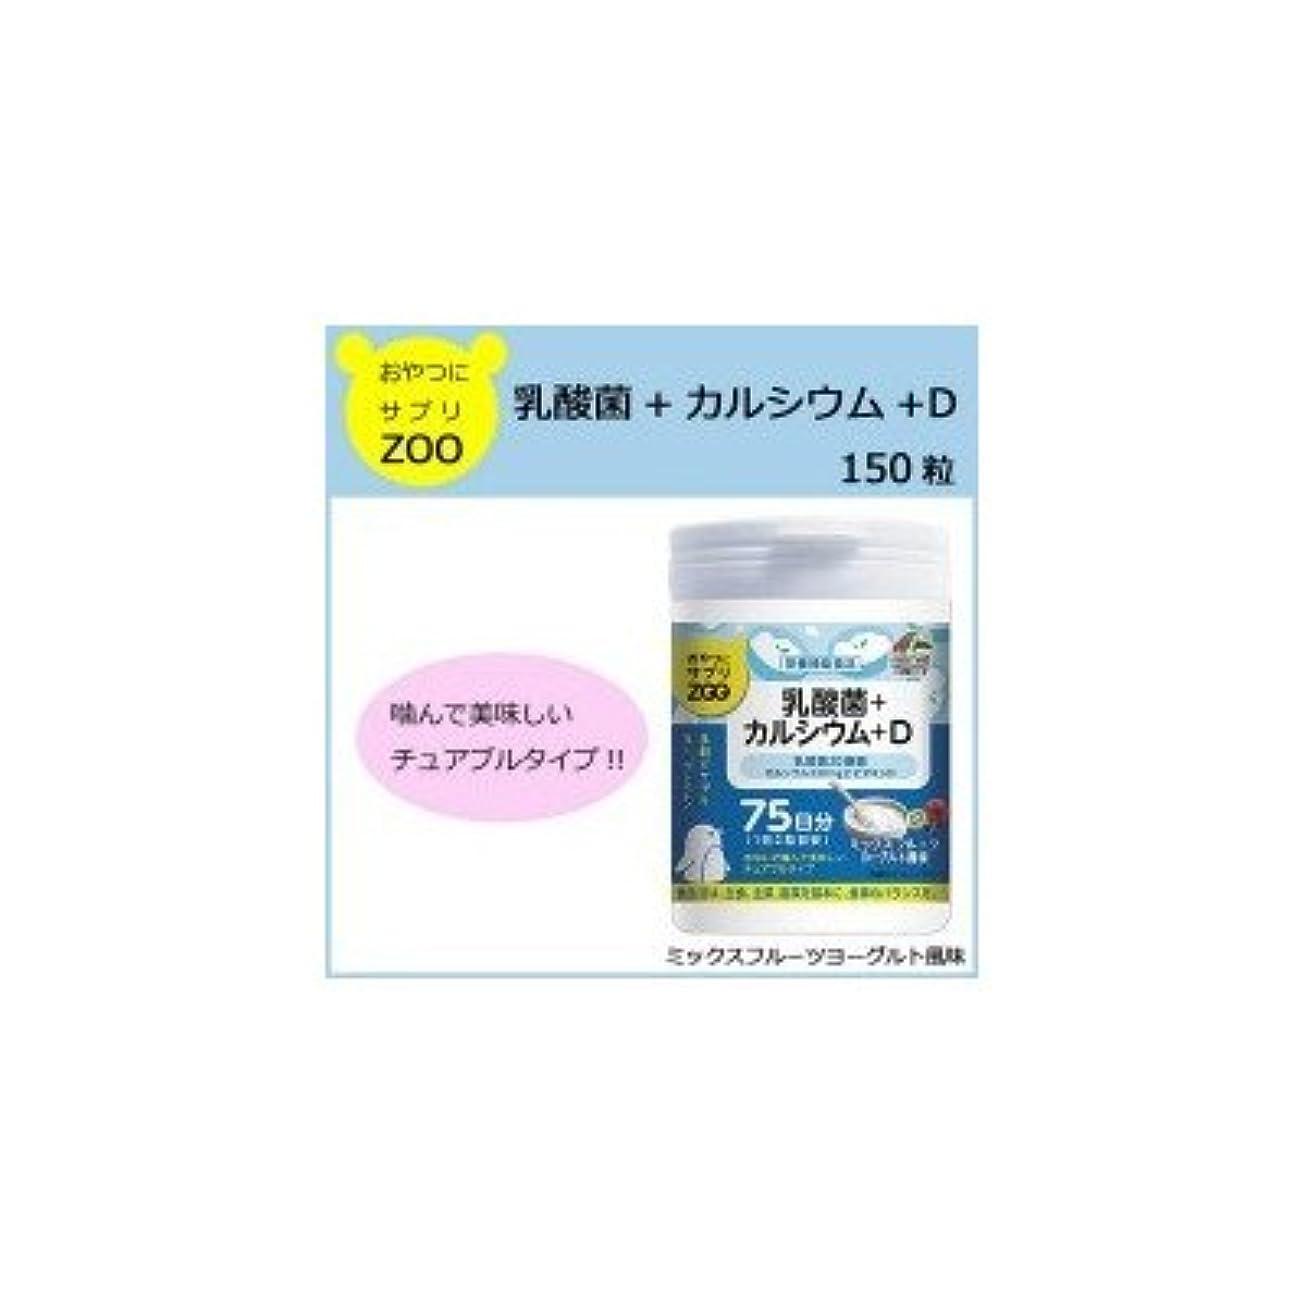 盲目子供達静かにユニマットリケン おやつにサプリZOO 乳酸菌+カルシウム+D 150粒